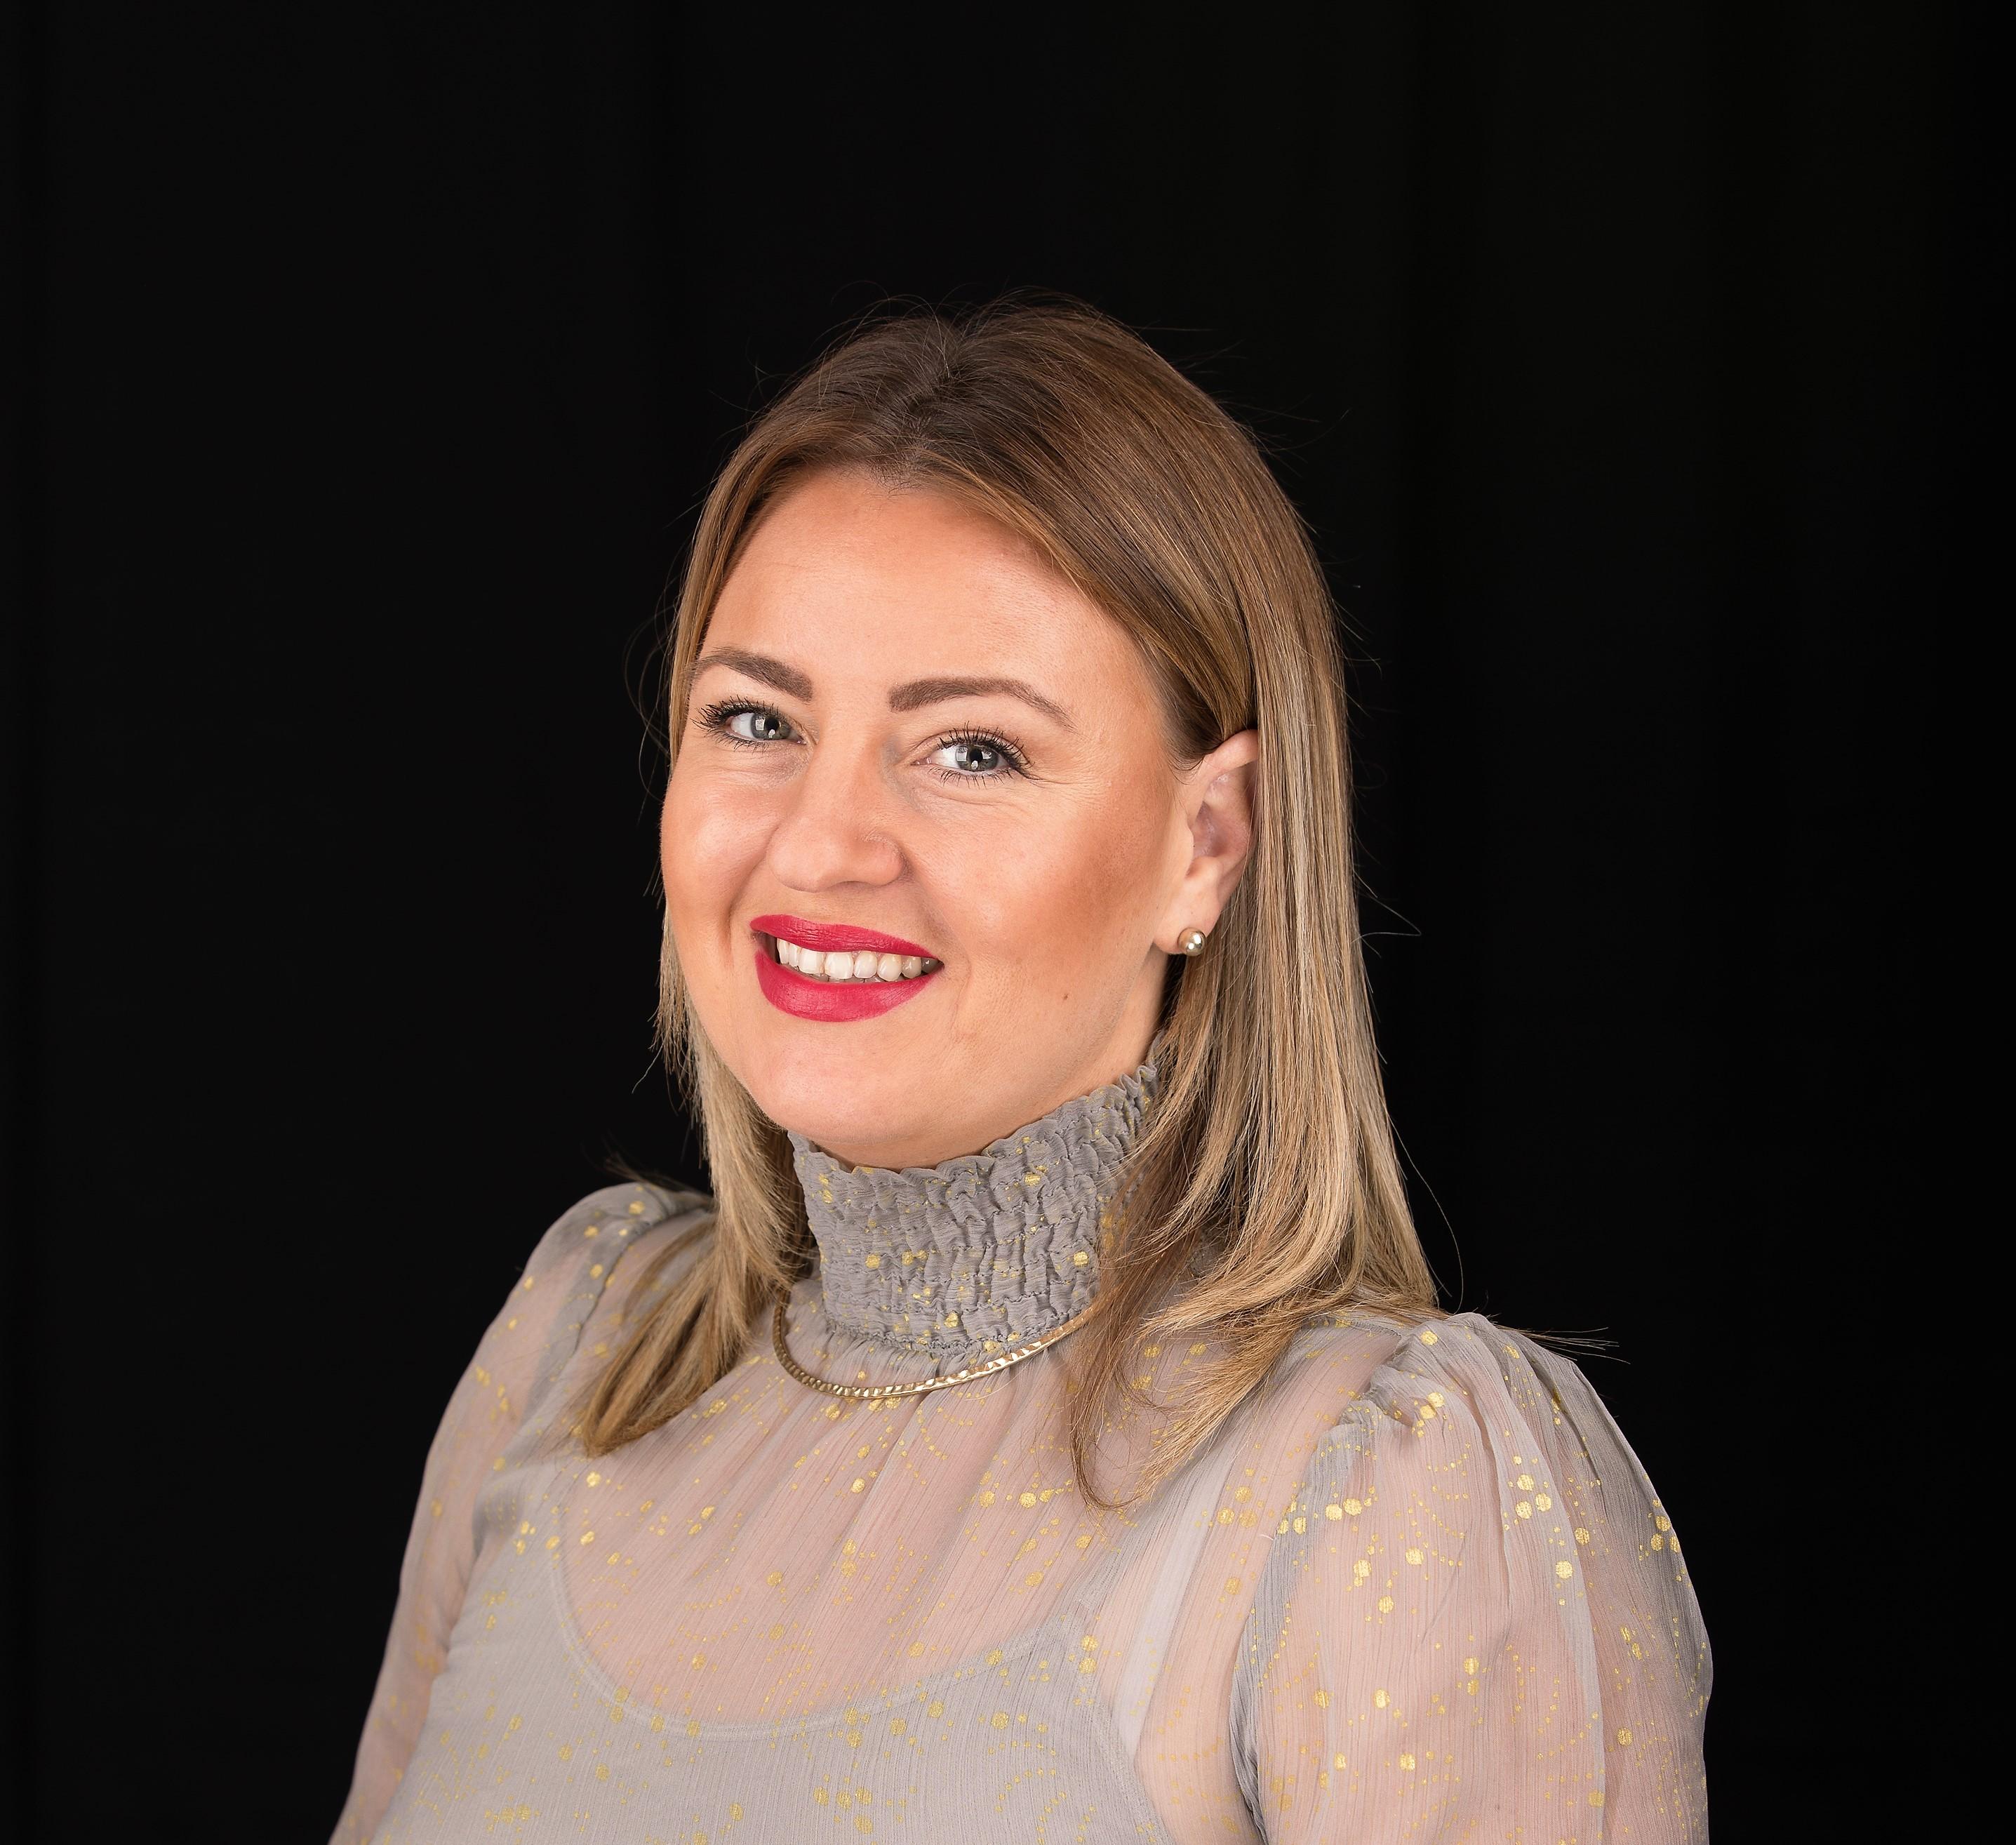 Portrait of Diana Bednar